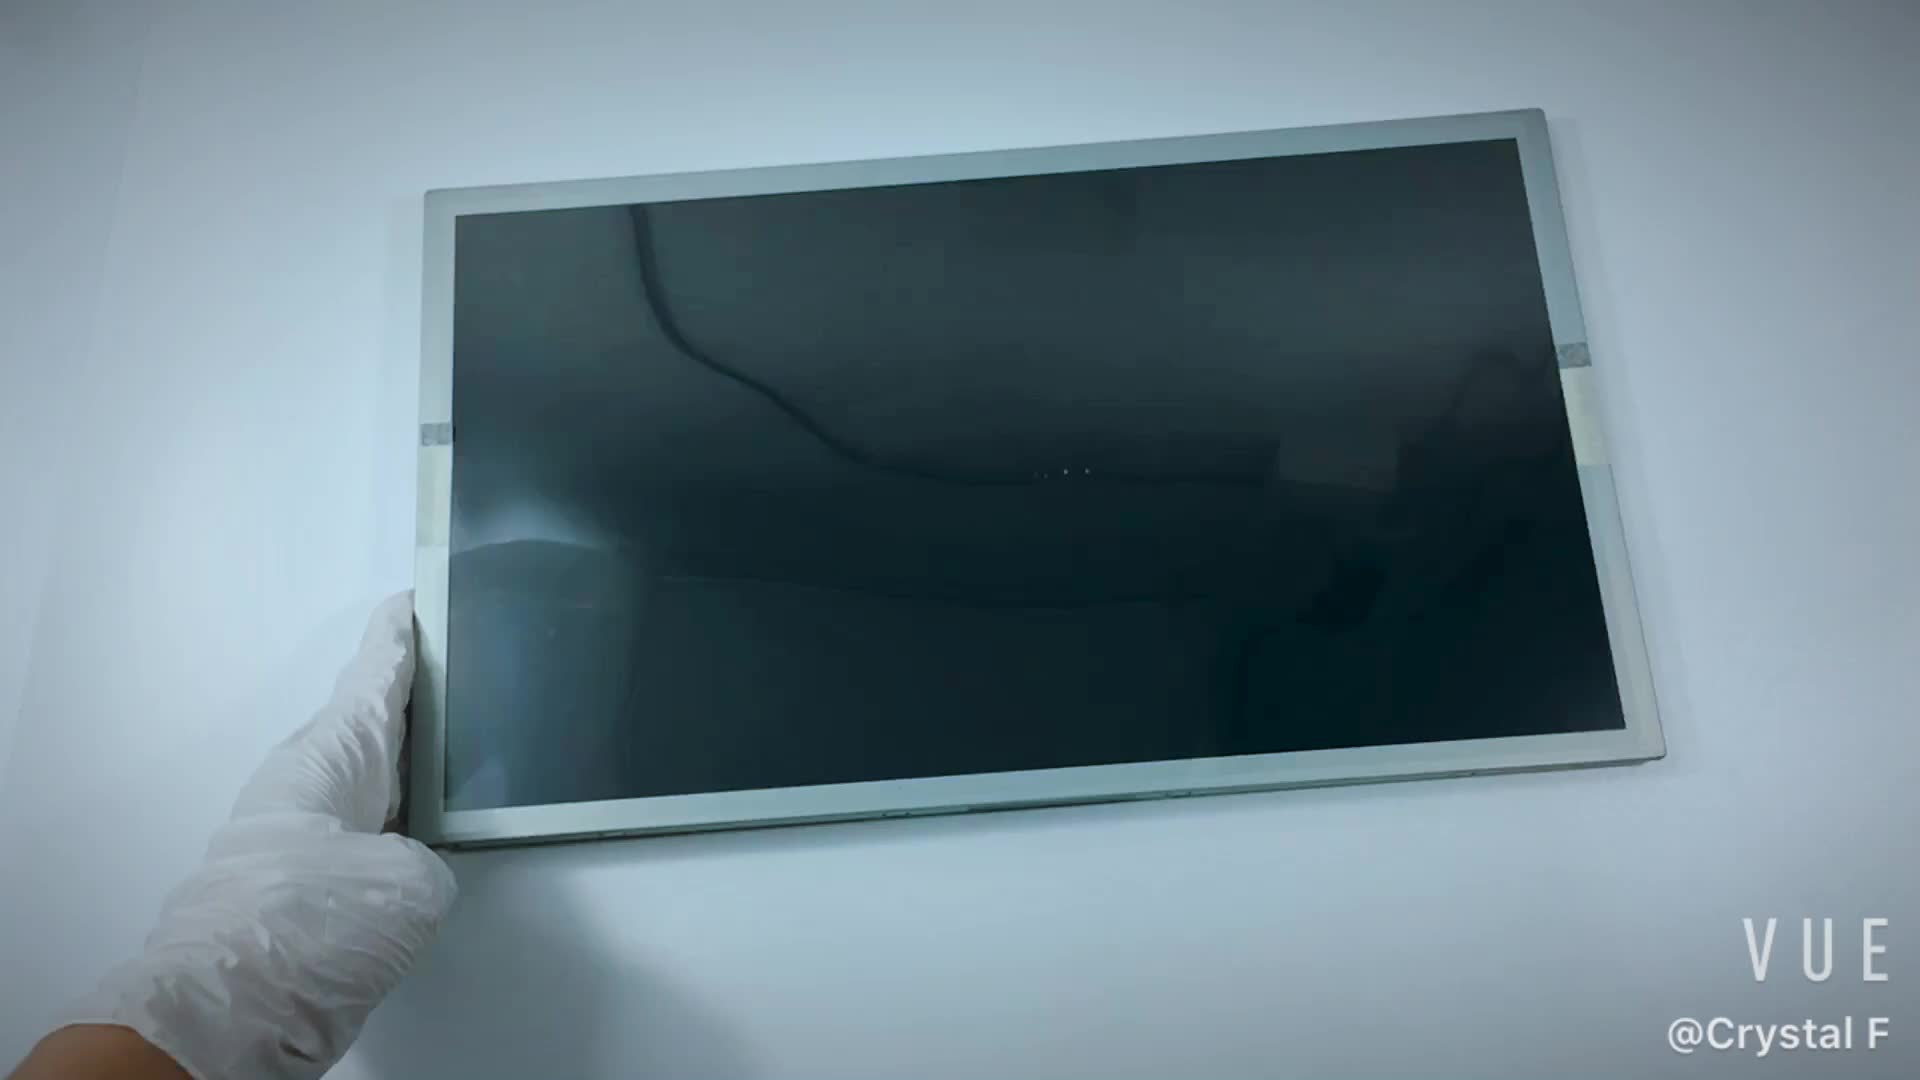 15.6 polegadas LCD LQ156M1LG21 Resolução 1920x1080 com Placa Controladora VGA